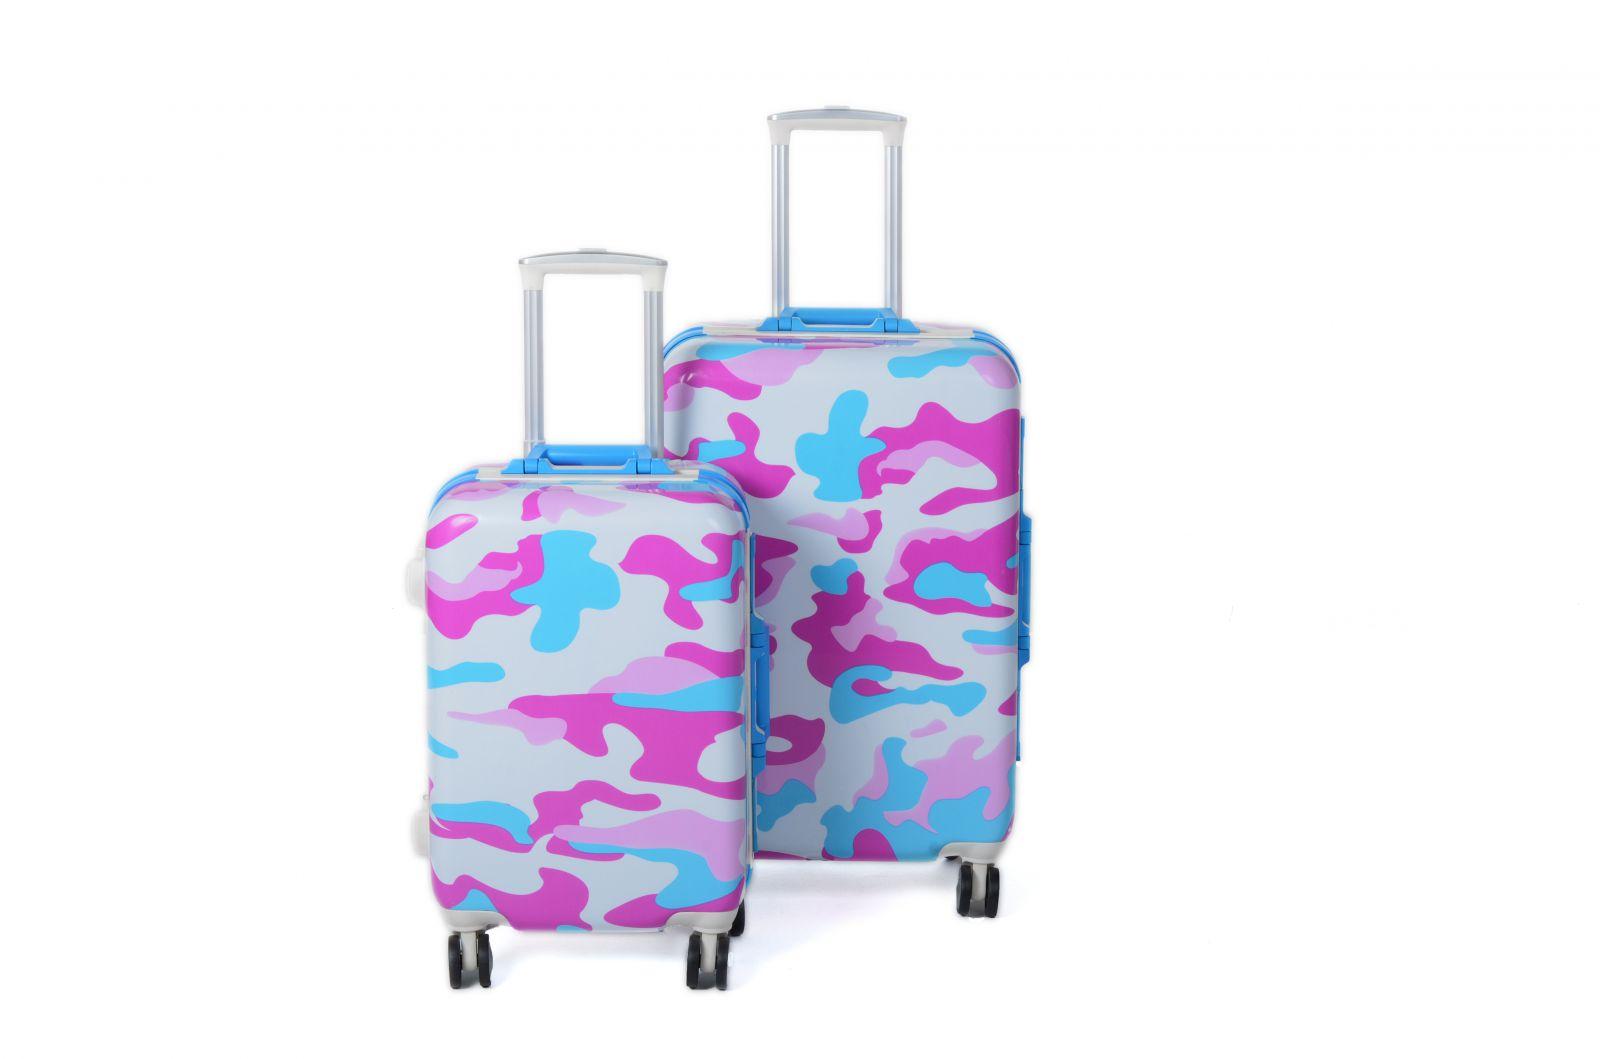 Cestovní kufry dvojsada ABS BL-A29E